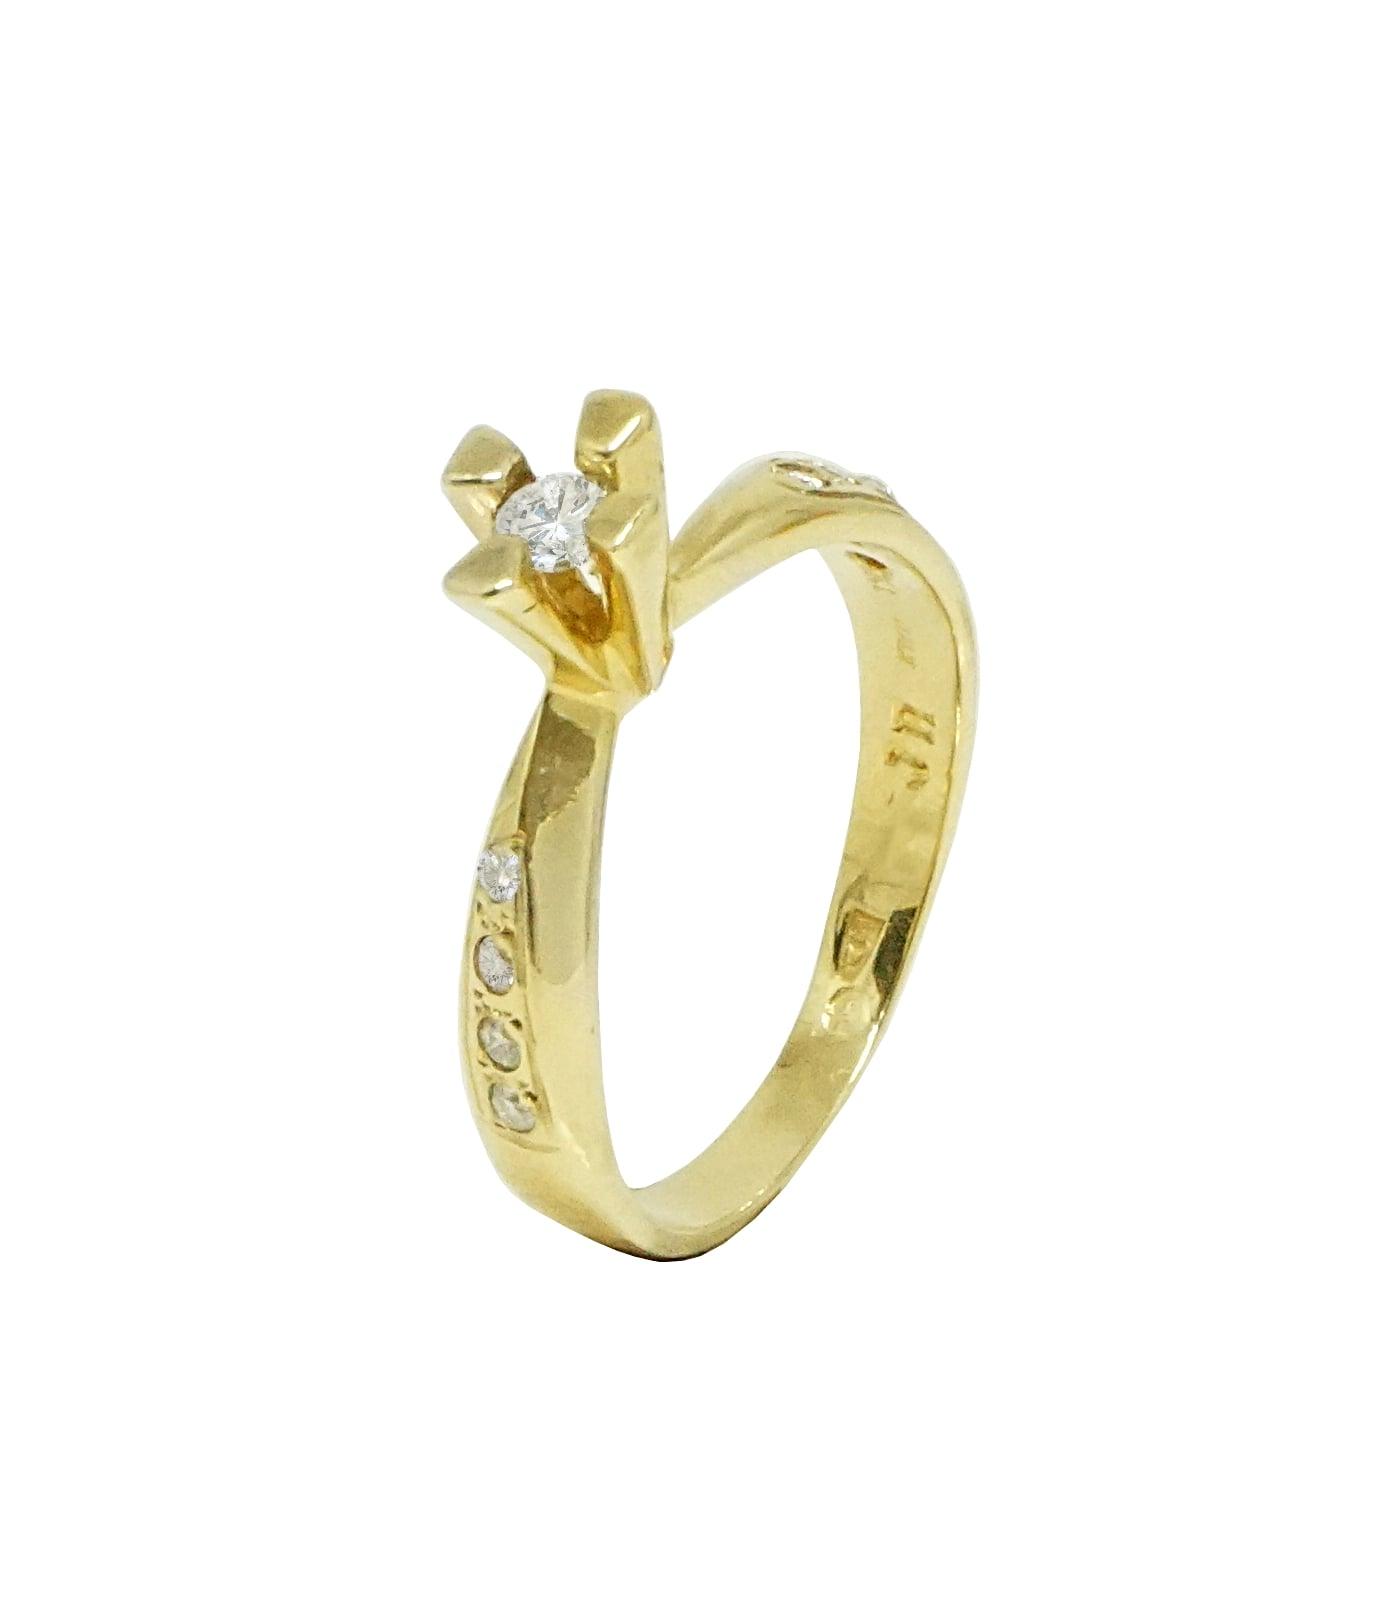 טבעת אירוסין מיוחדת 0.25 קראט זהב 14 קרט